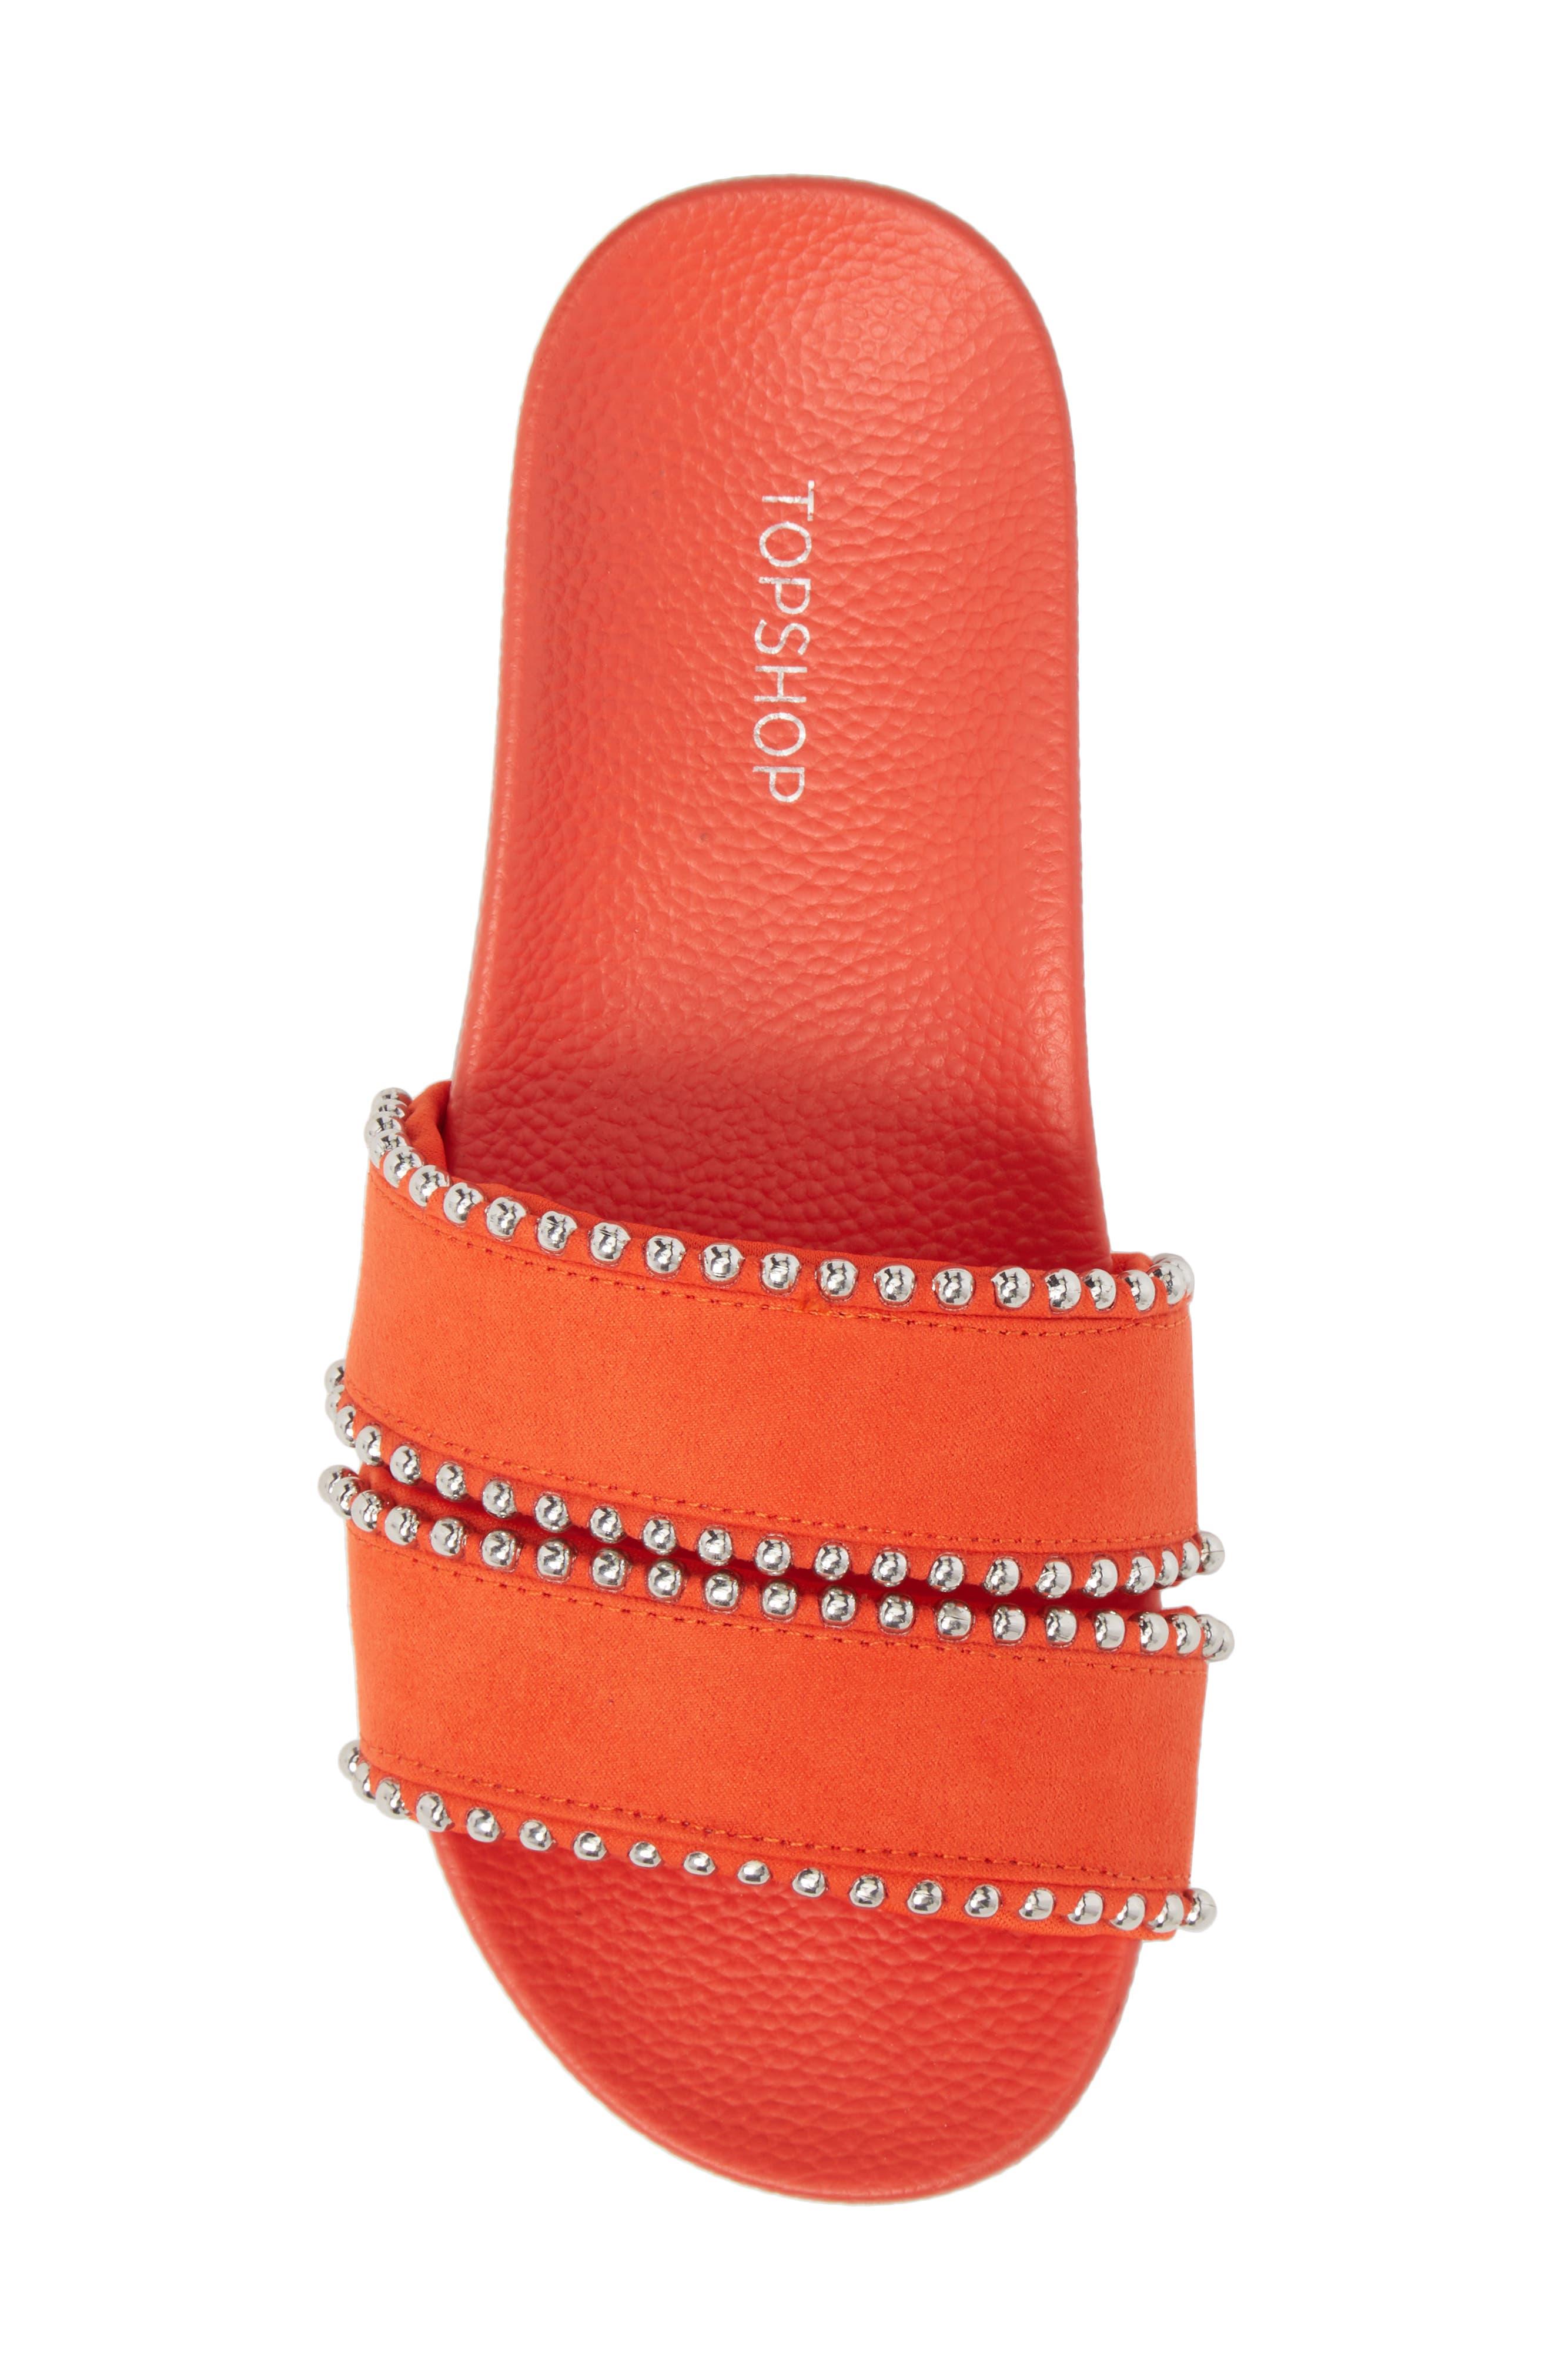 Rascal Studded Slide Sandal,                             Alternate thumbnail 5, color,                             Red